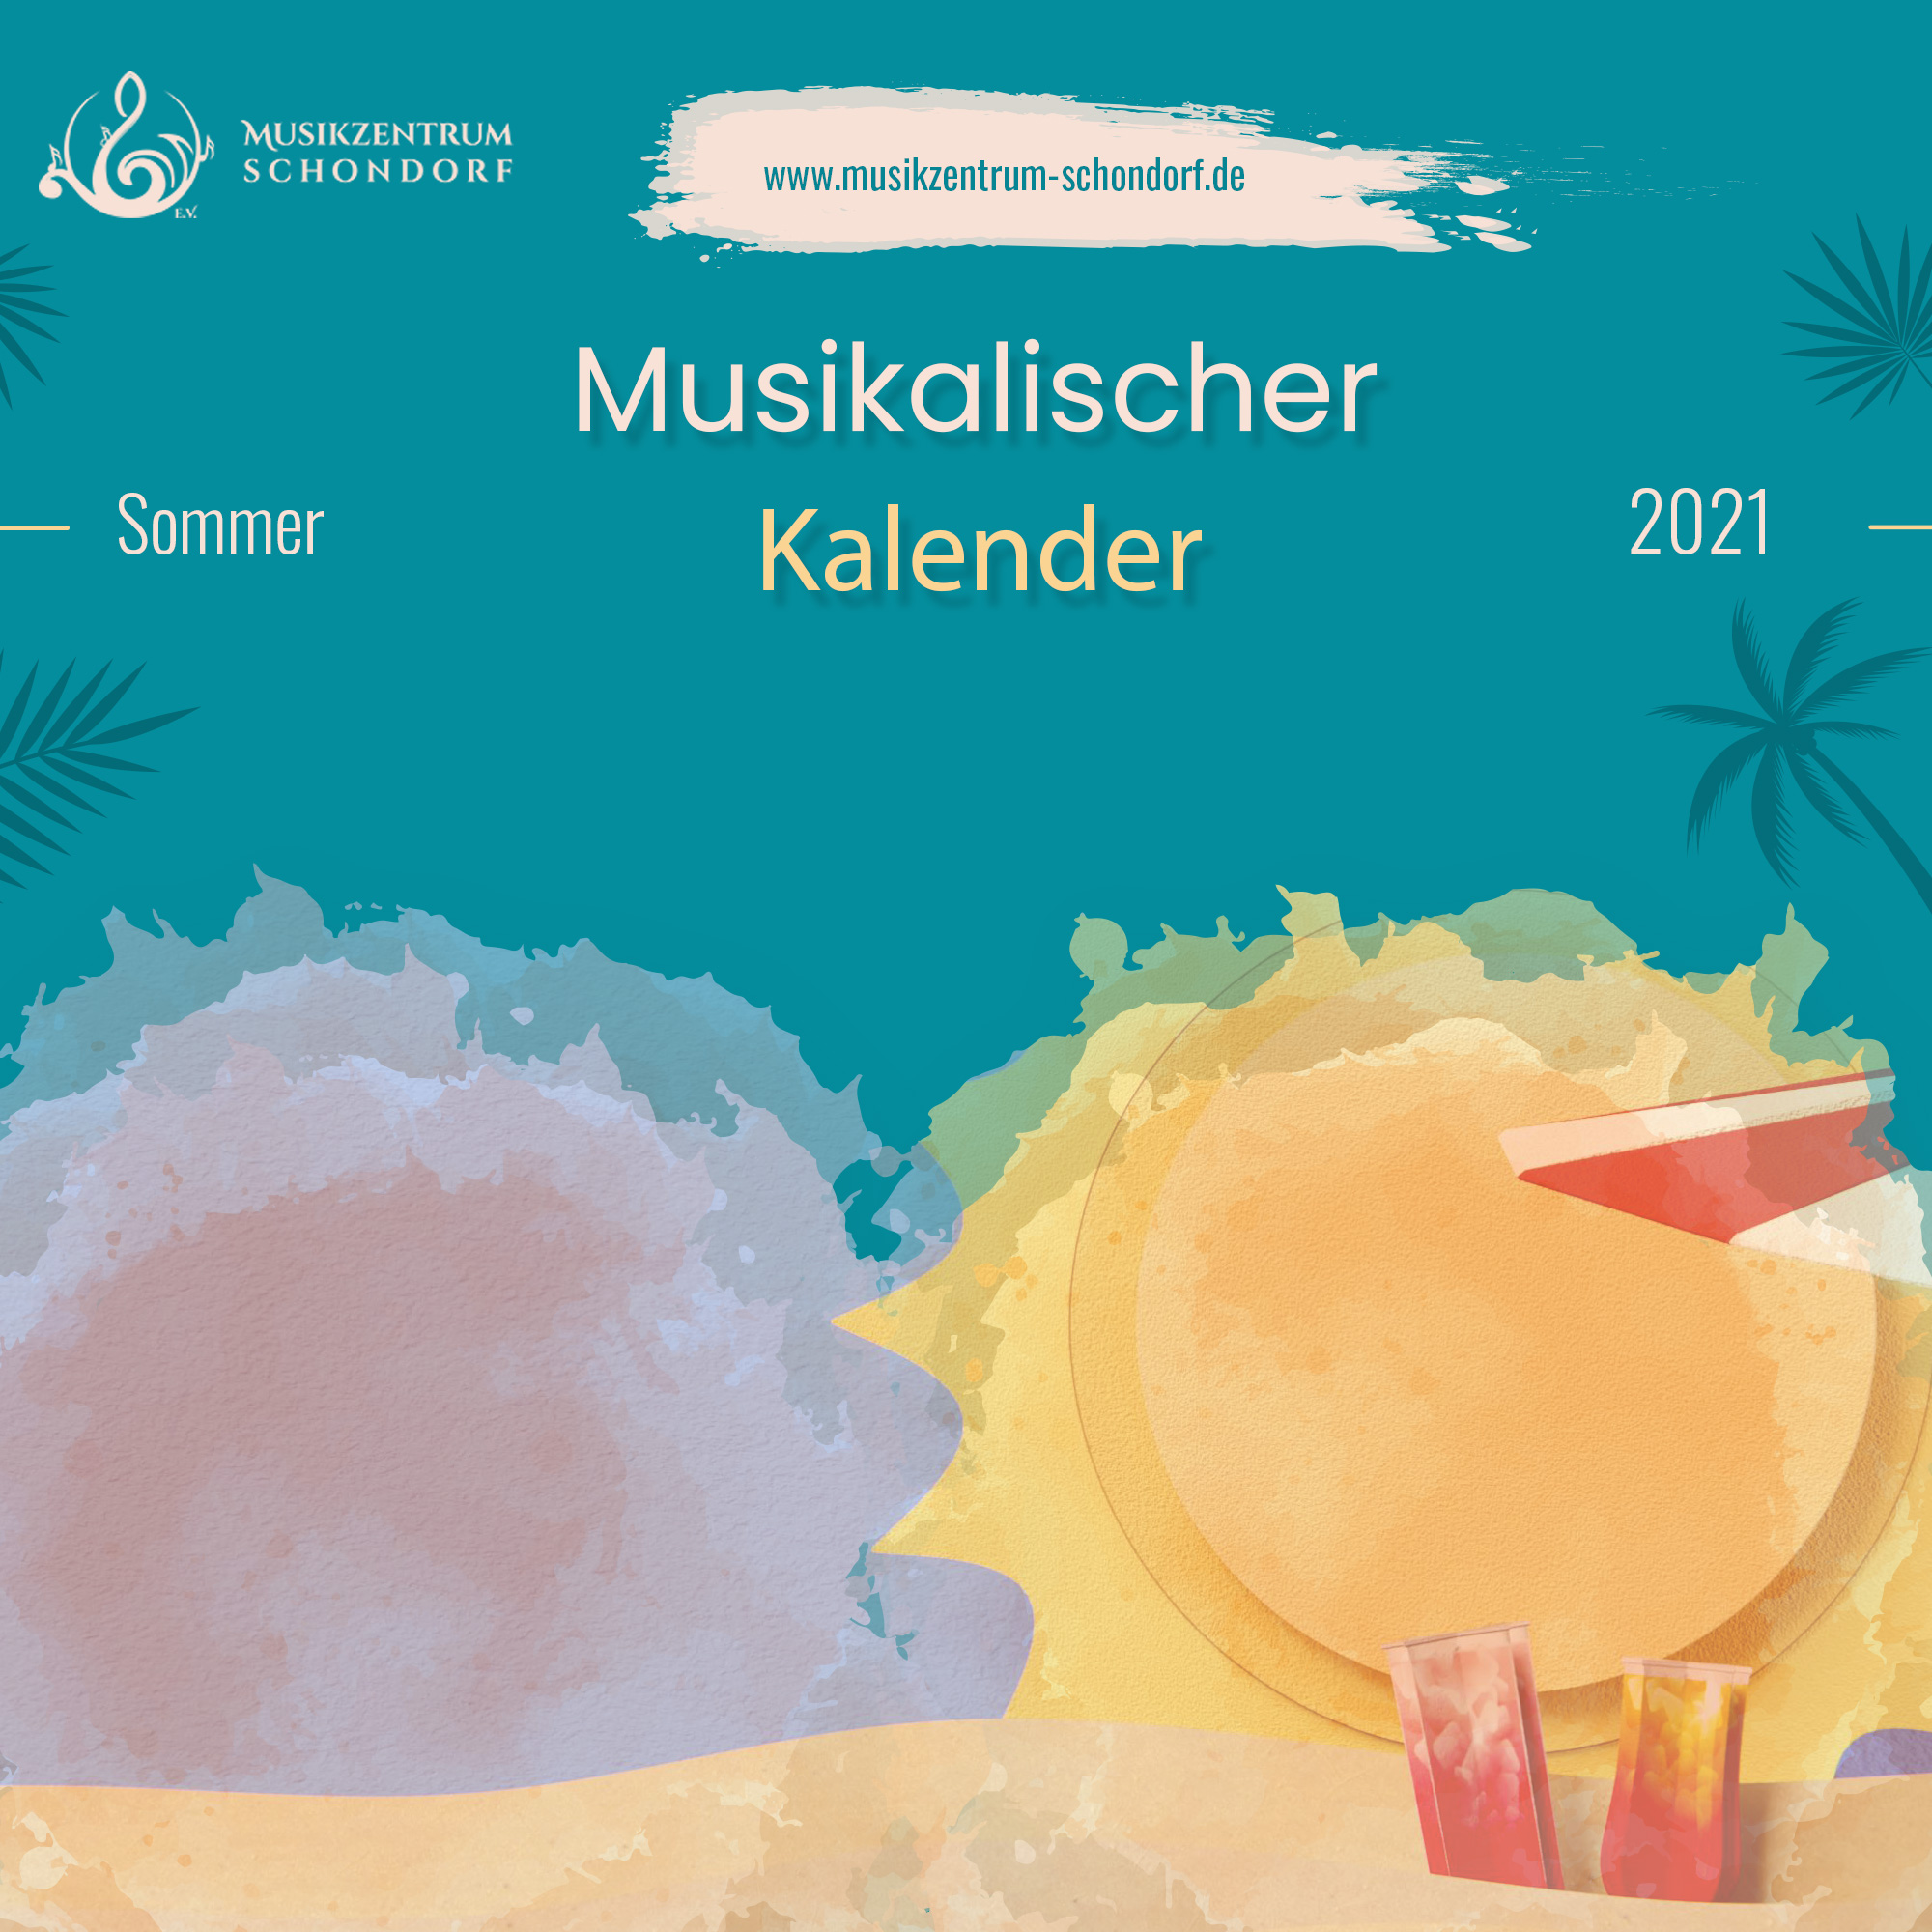 Musikalischer Kalender Sommer 2021